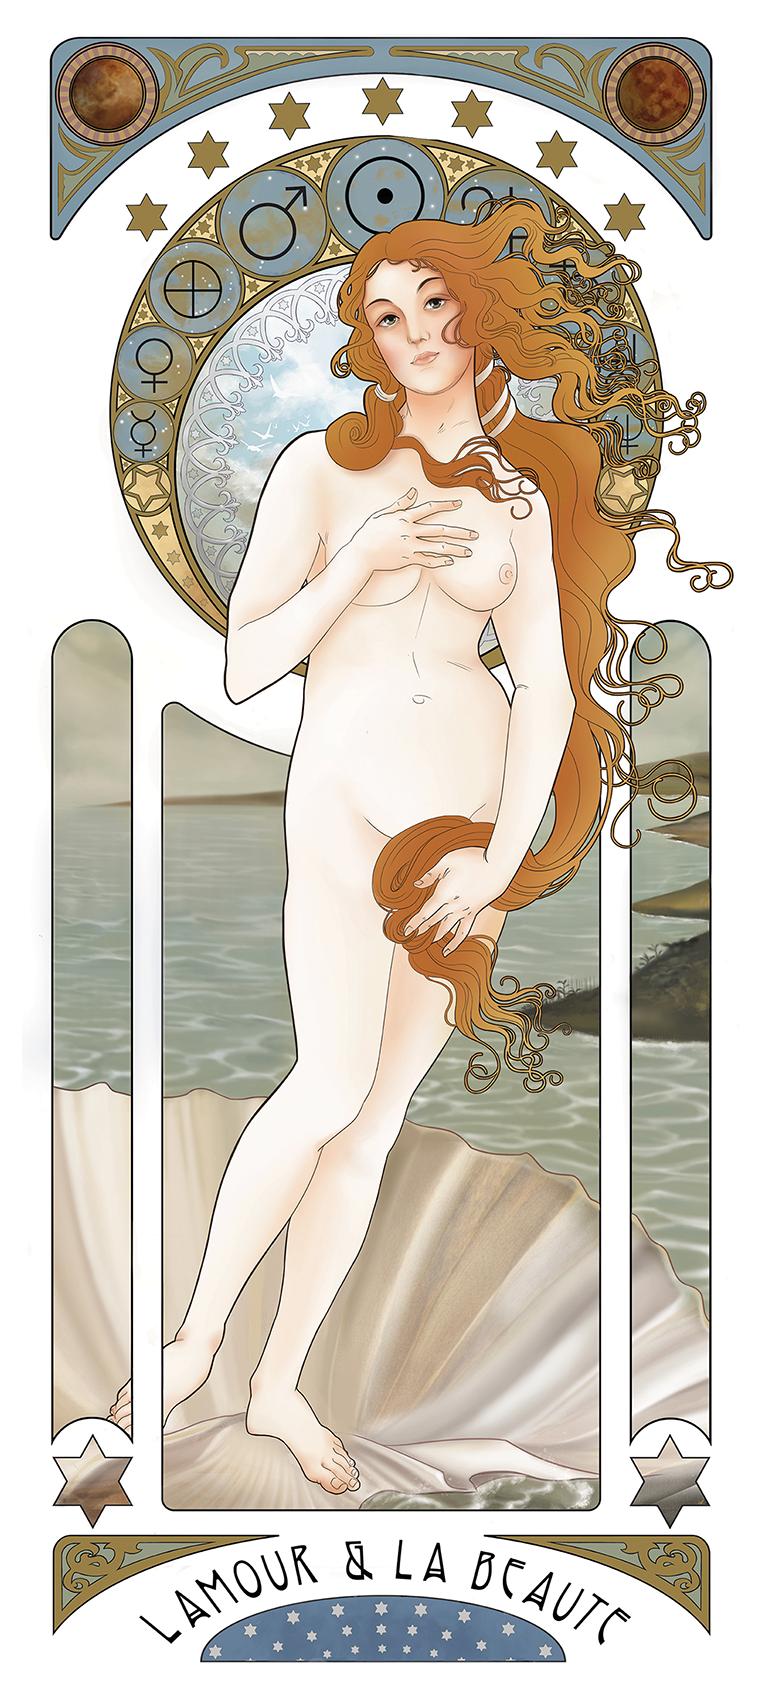 Alphonse Mucha's Birth of Venus 1